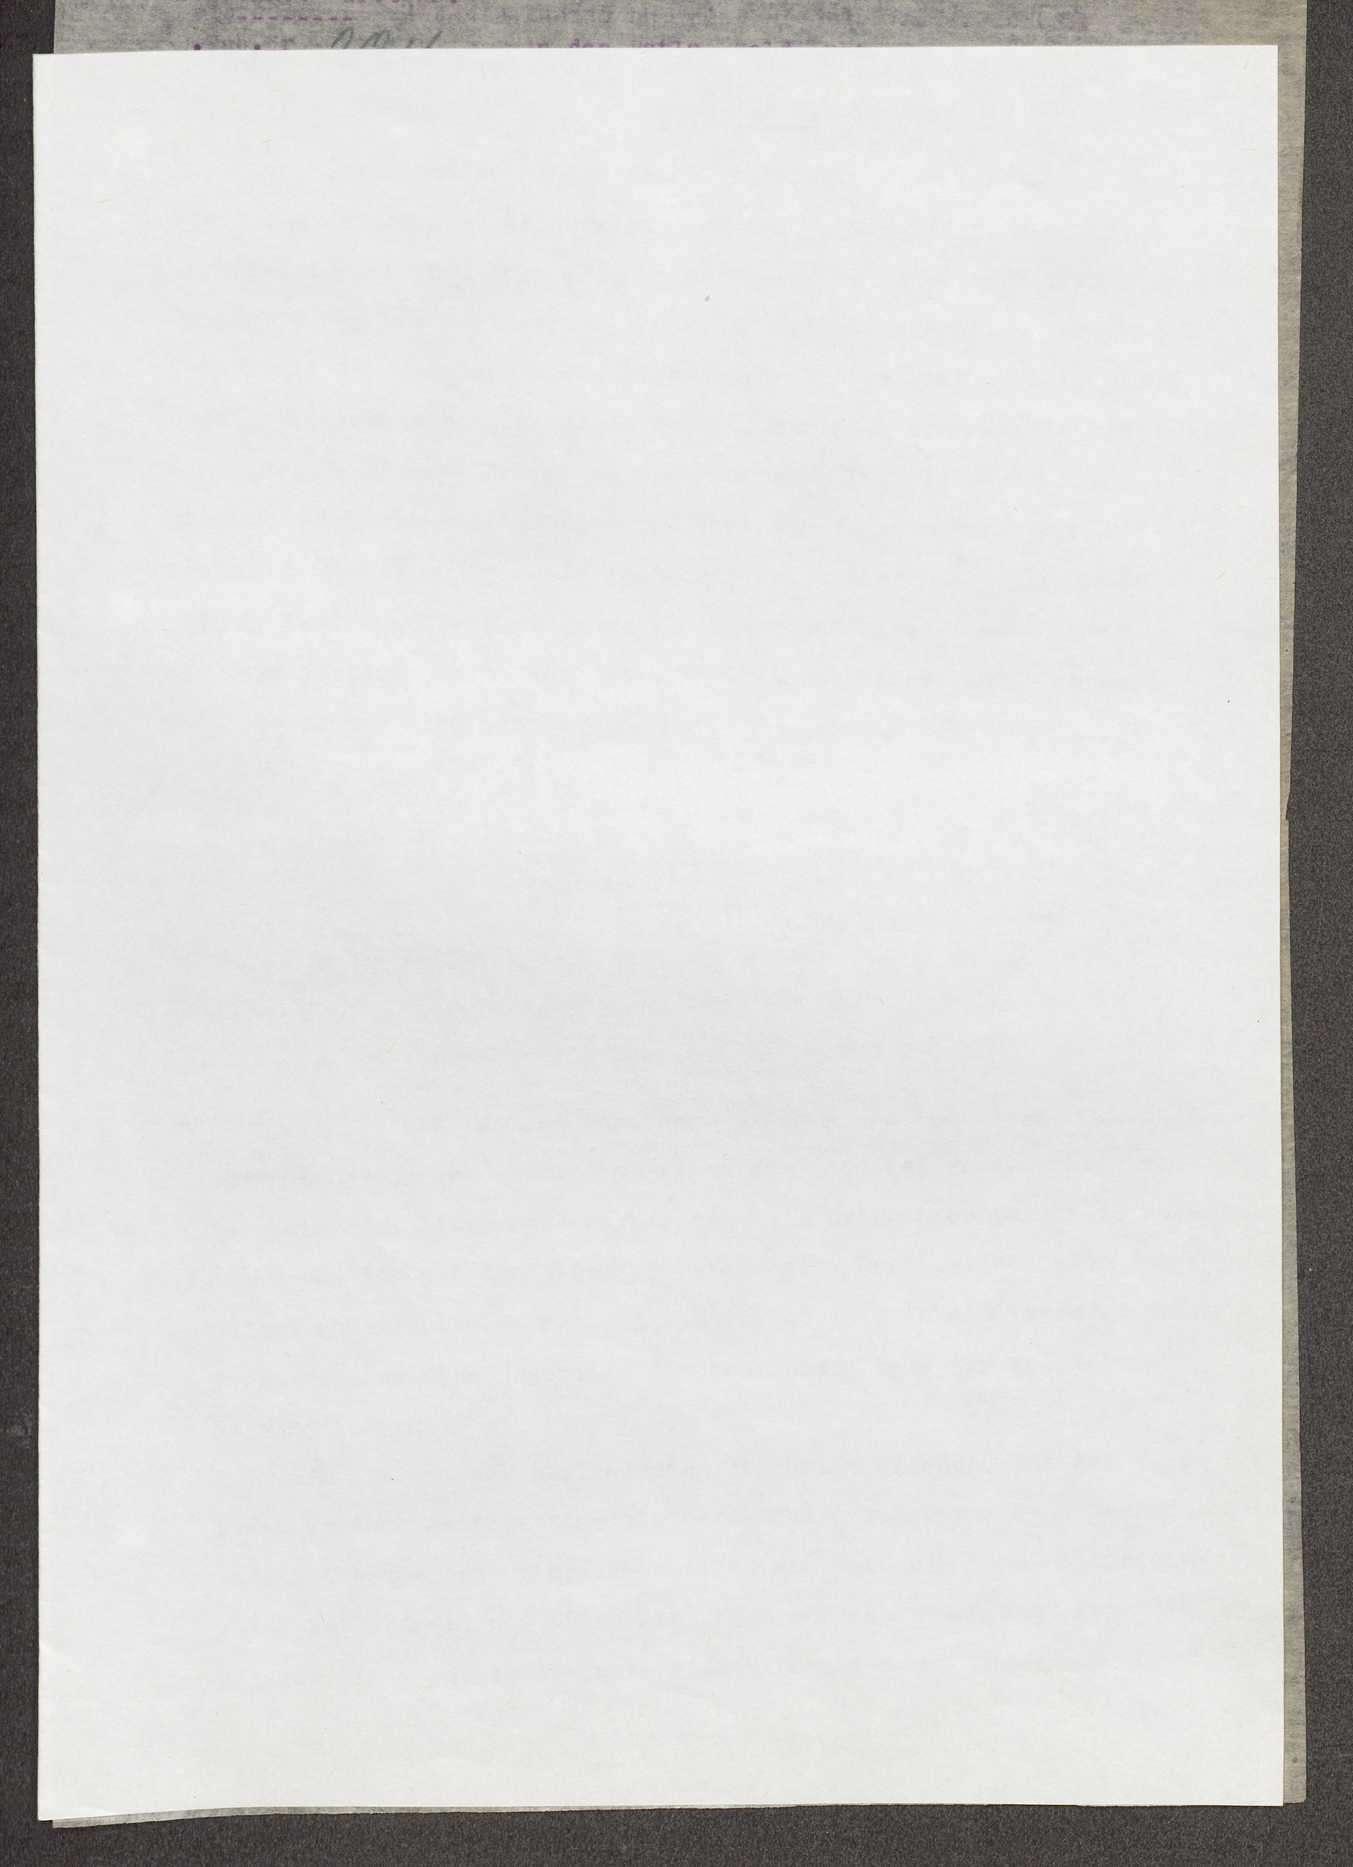 Soldatenrat Friedrichshafen: Versuch der Unterstellung unter den Soldatenrat des Luftschiffer-Bataillons 4 in Weinheim, Unterstellung unter den Garnisonrat Weingarten, Bild 3